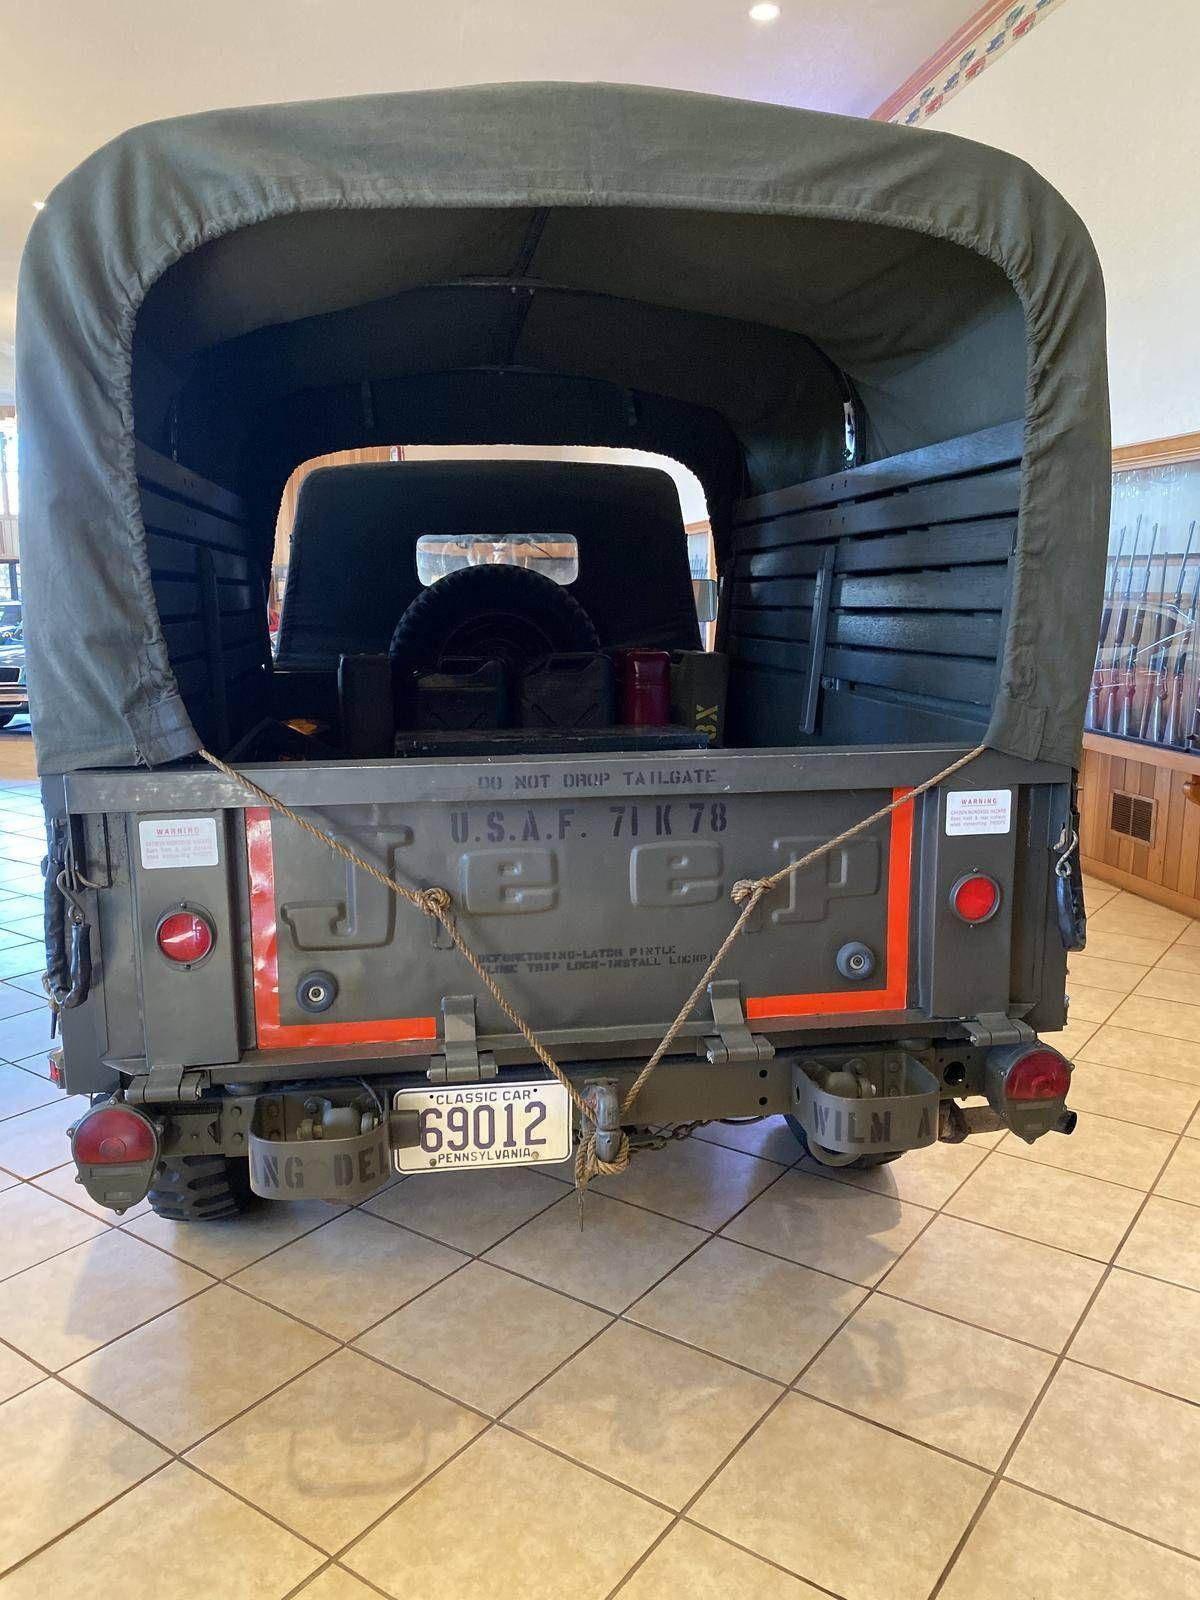 M715 For Sale Craigslist : craigslist, #2348008, Hemmings, Motor, Jeep,, Classic, Jeeps,